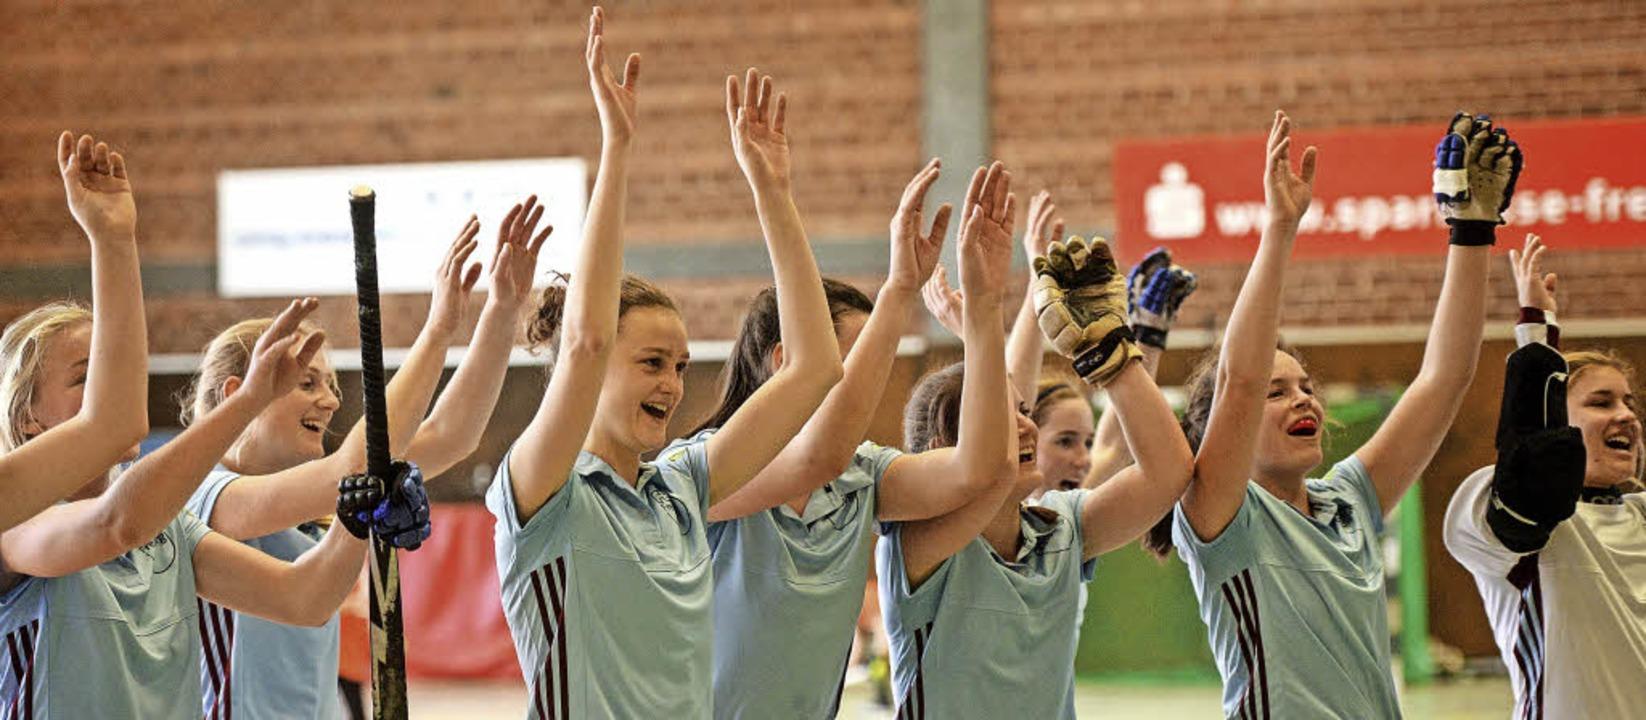 Hoch die Hände – die Hockeyspiel...feiern ihren Heimsieg gegen Tübingen.   | Foto: Patrick Seeger